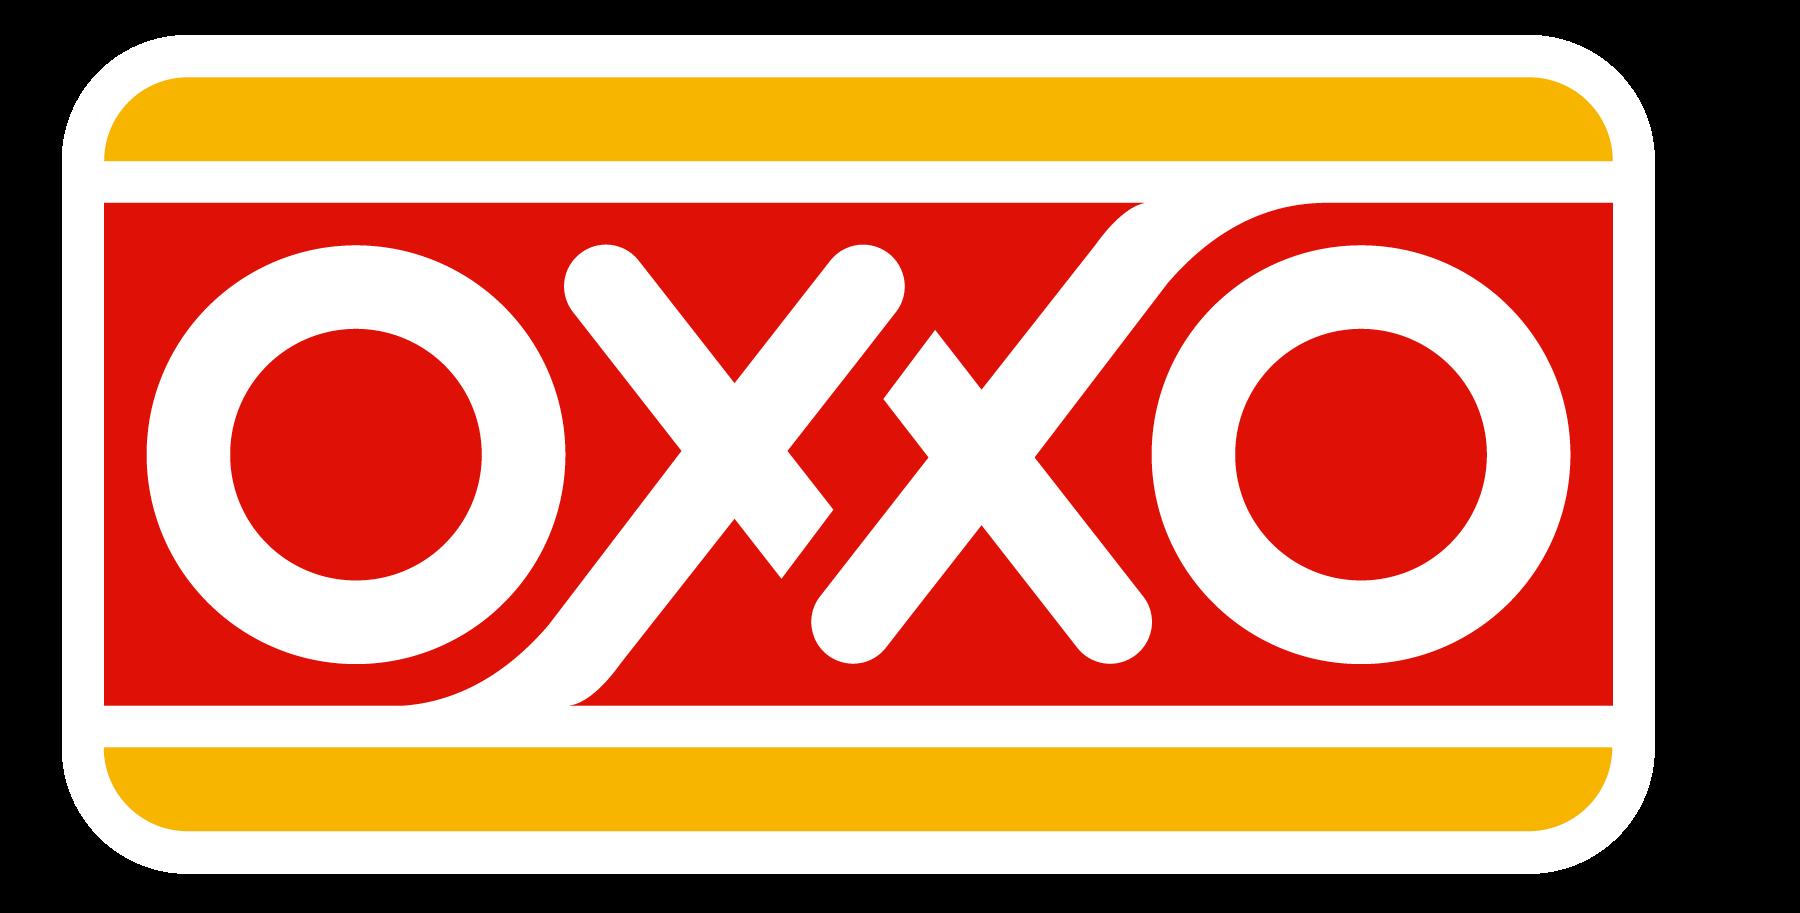 OXXO HostNamaste